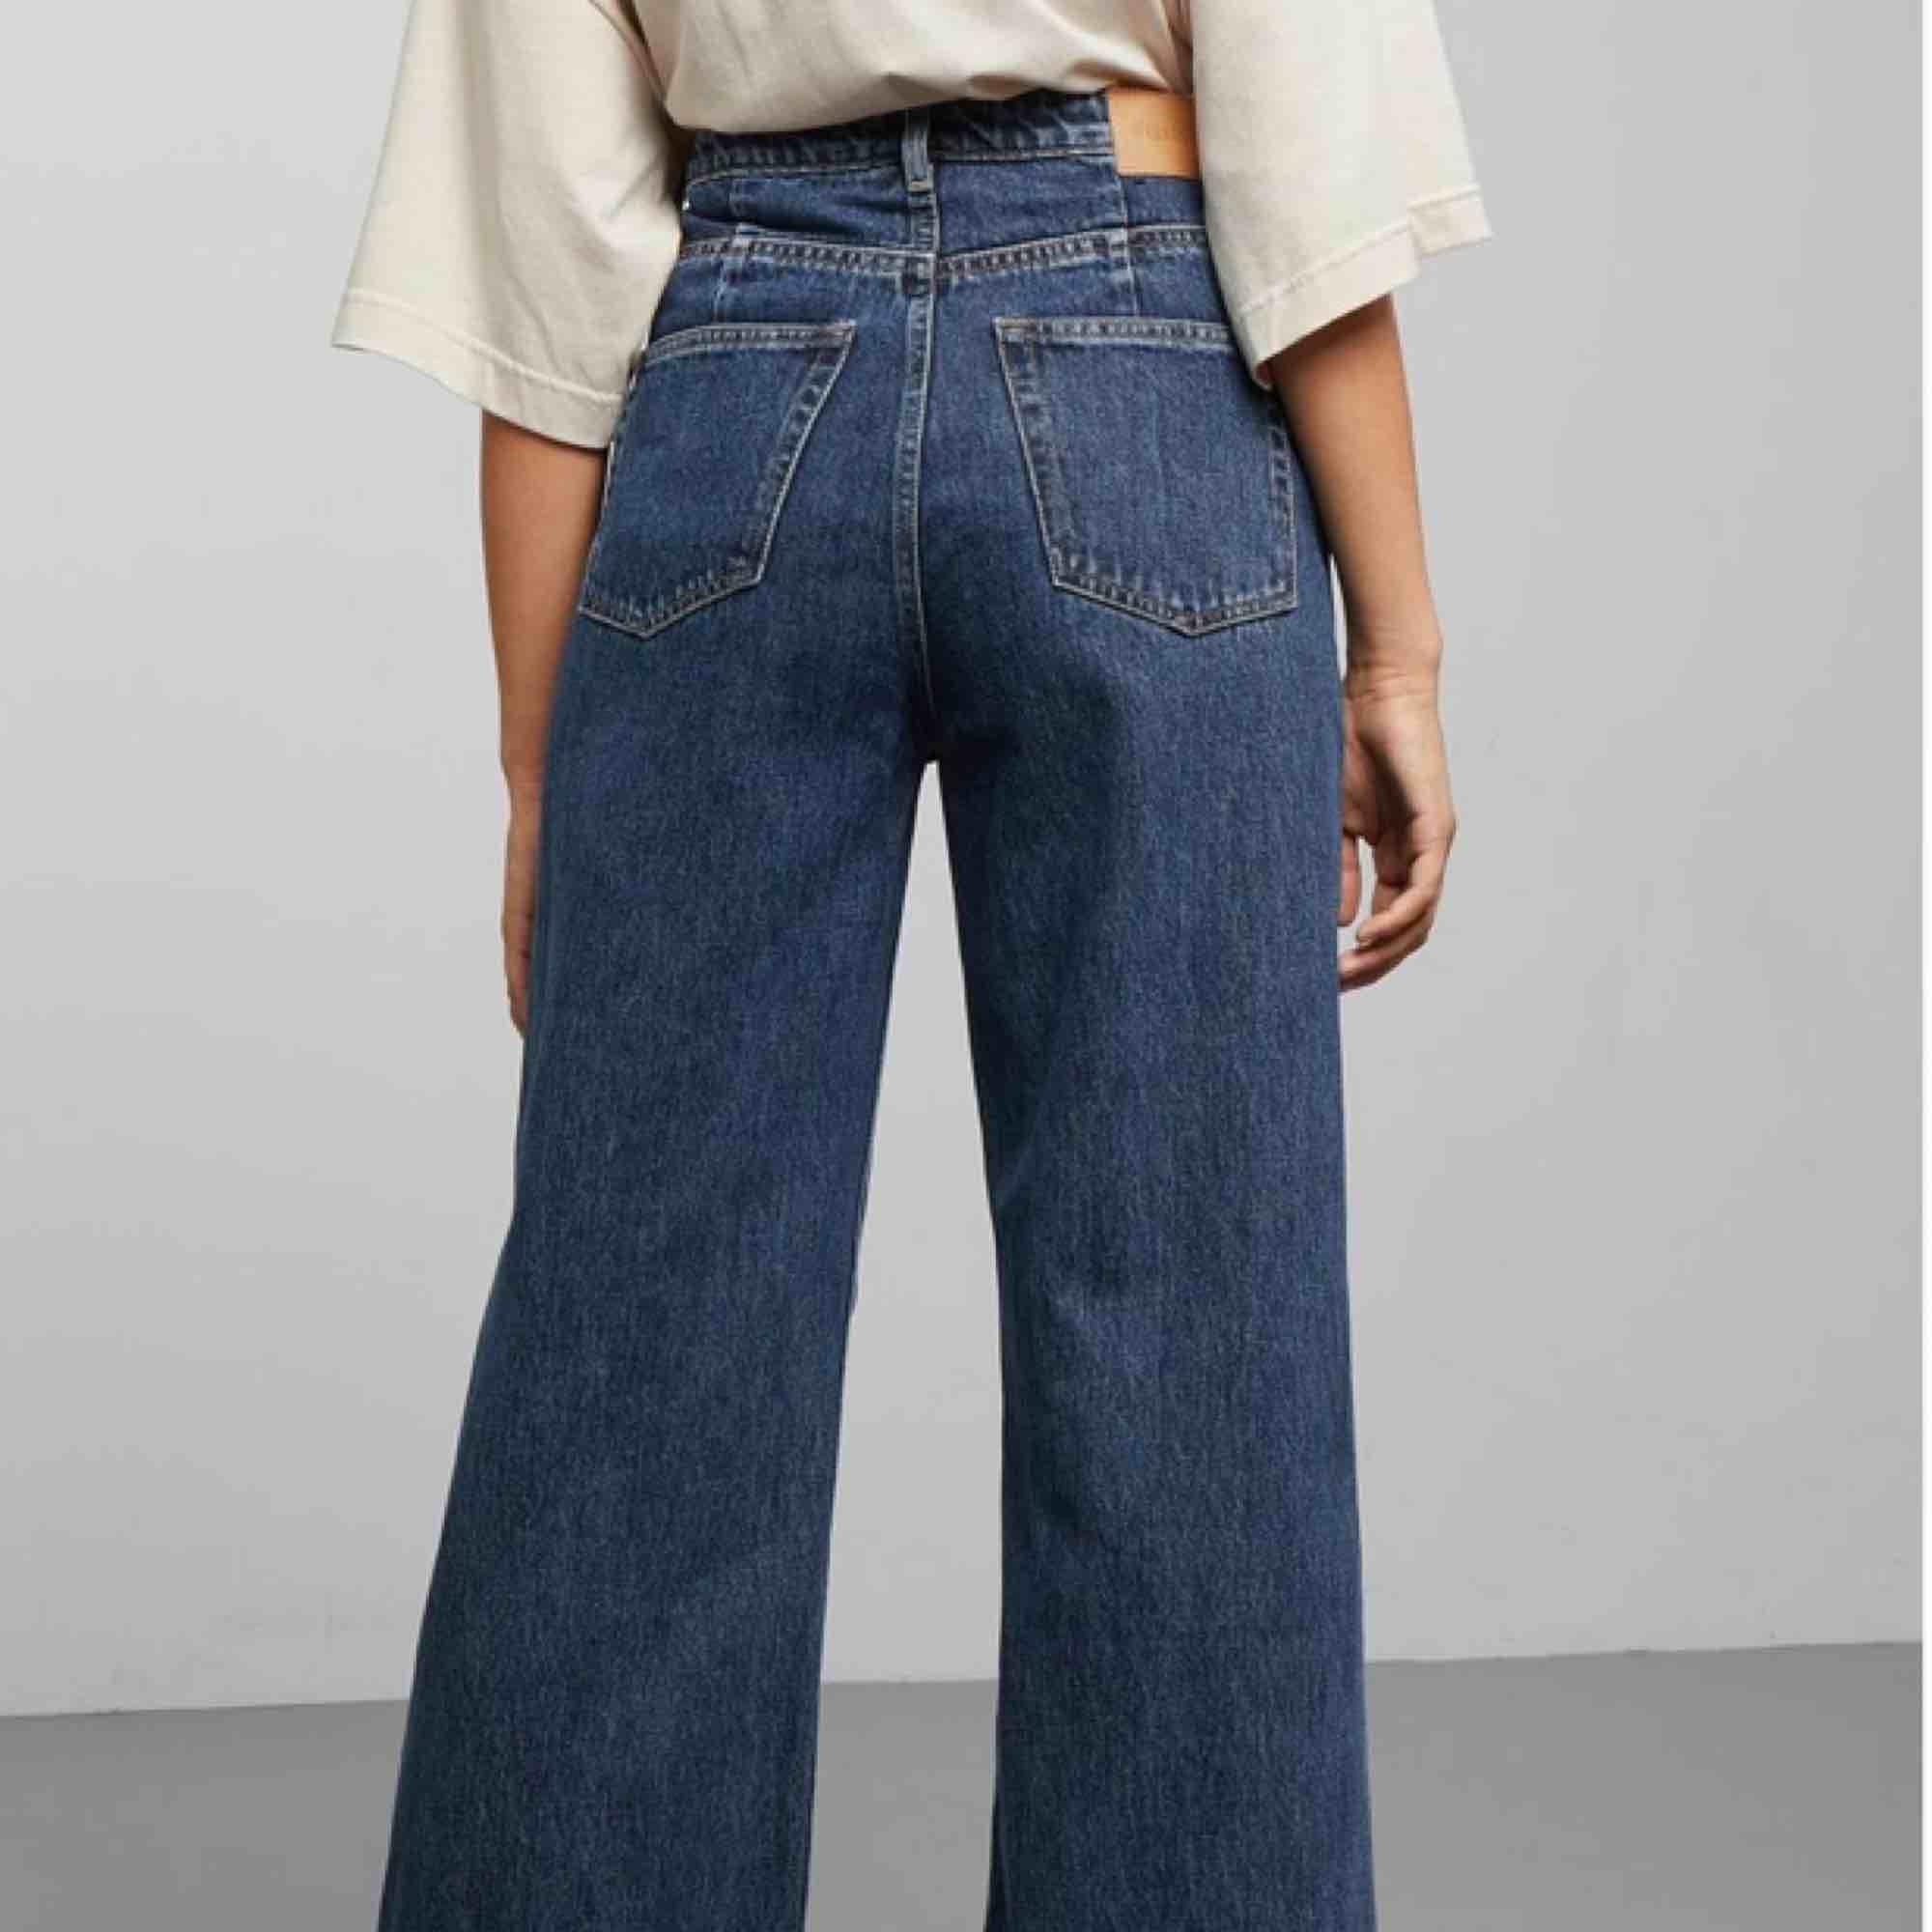 Säljer mina WEEKDAY byxor i modellen Ace som tyvärr inte kommer till så mycket användning längre. Är i toppen skick och är i storlek 26 i midjan och 30 i längden. Köparen står för eventuell frakt. . Jeans & Byxor.